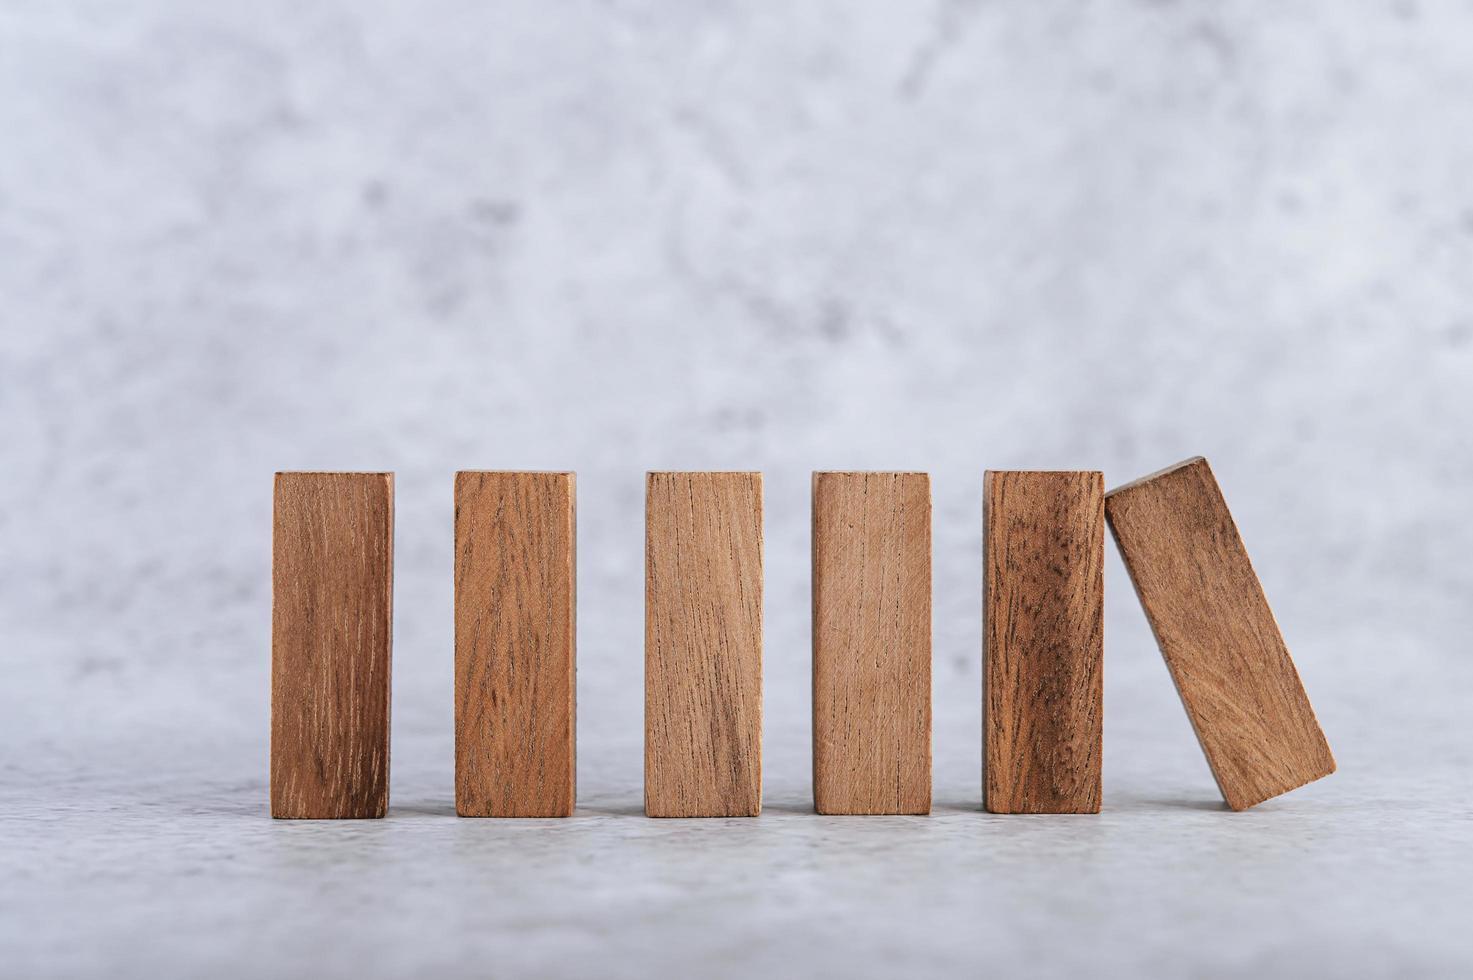 blocchi di legno, usati per i giochi di domino foto